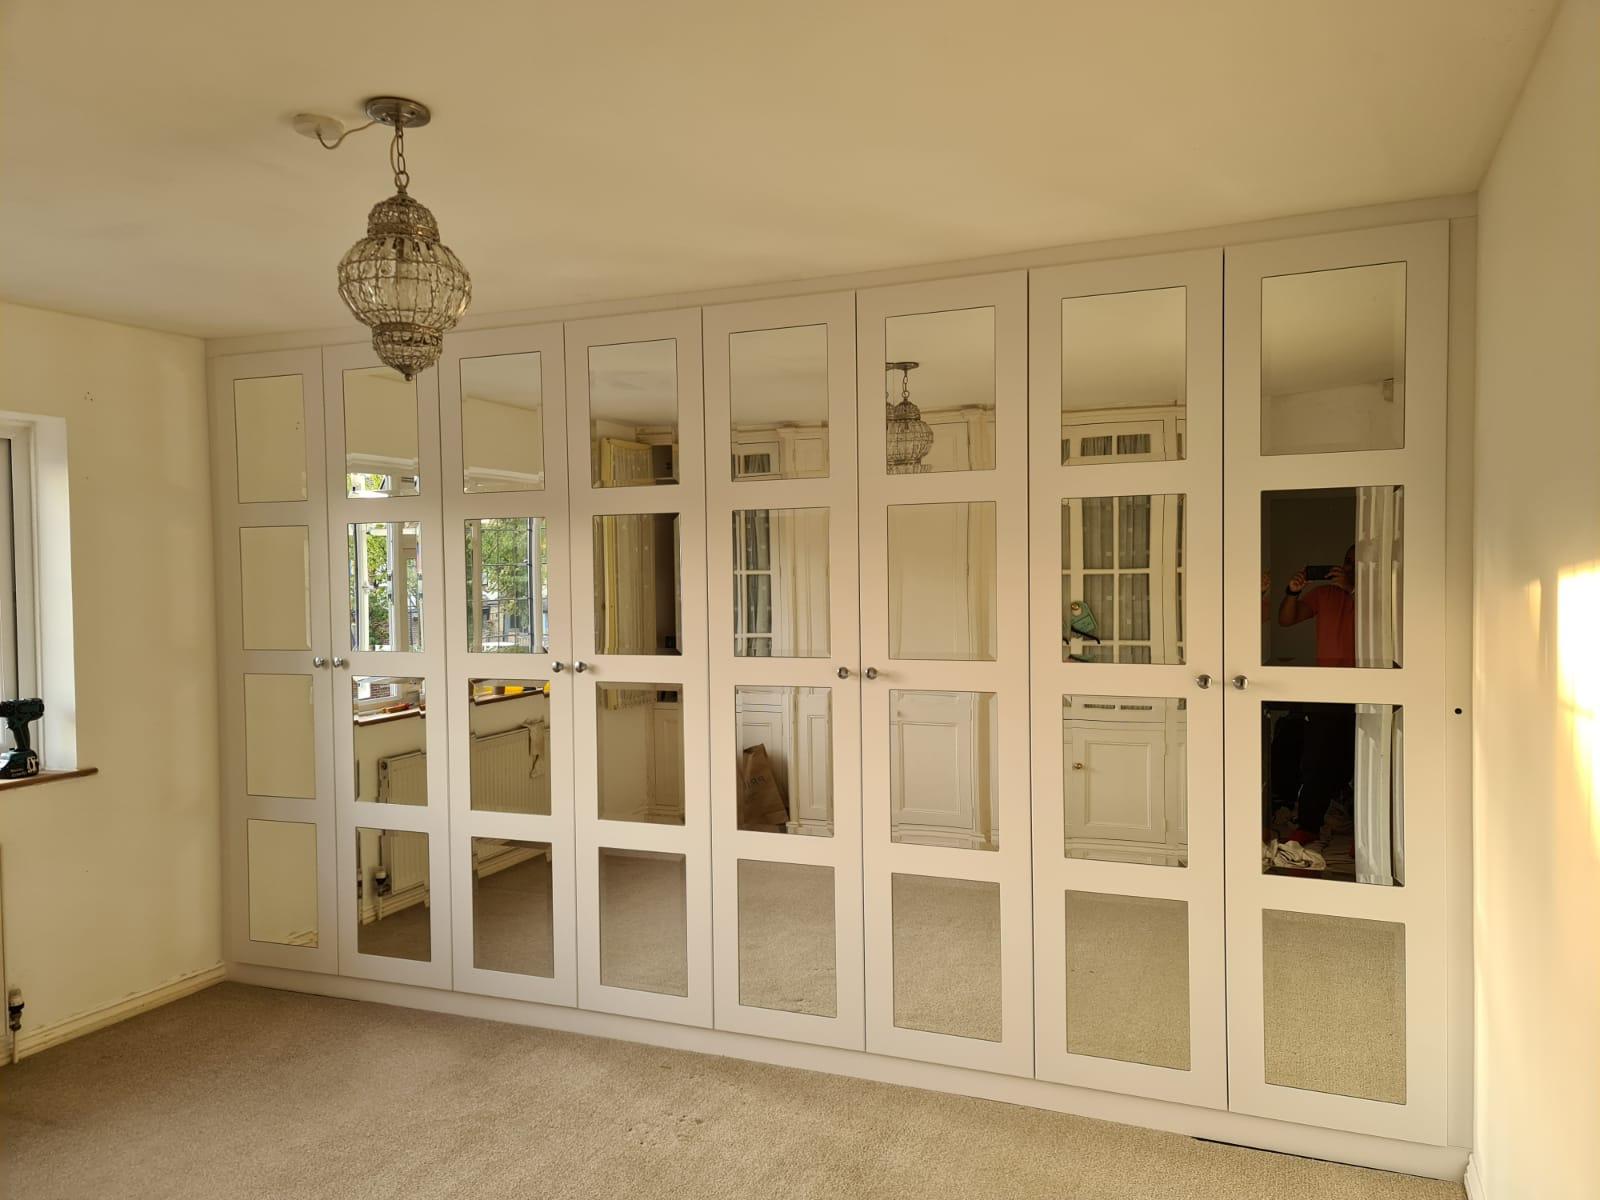 Double Door Hinged Wardrobes with Premium Glass Handles